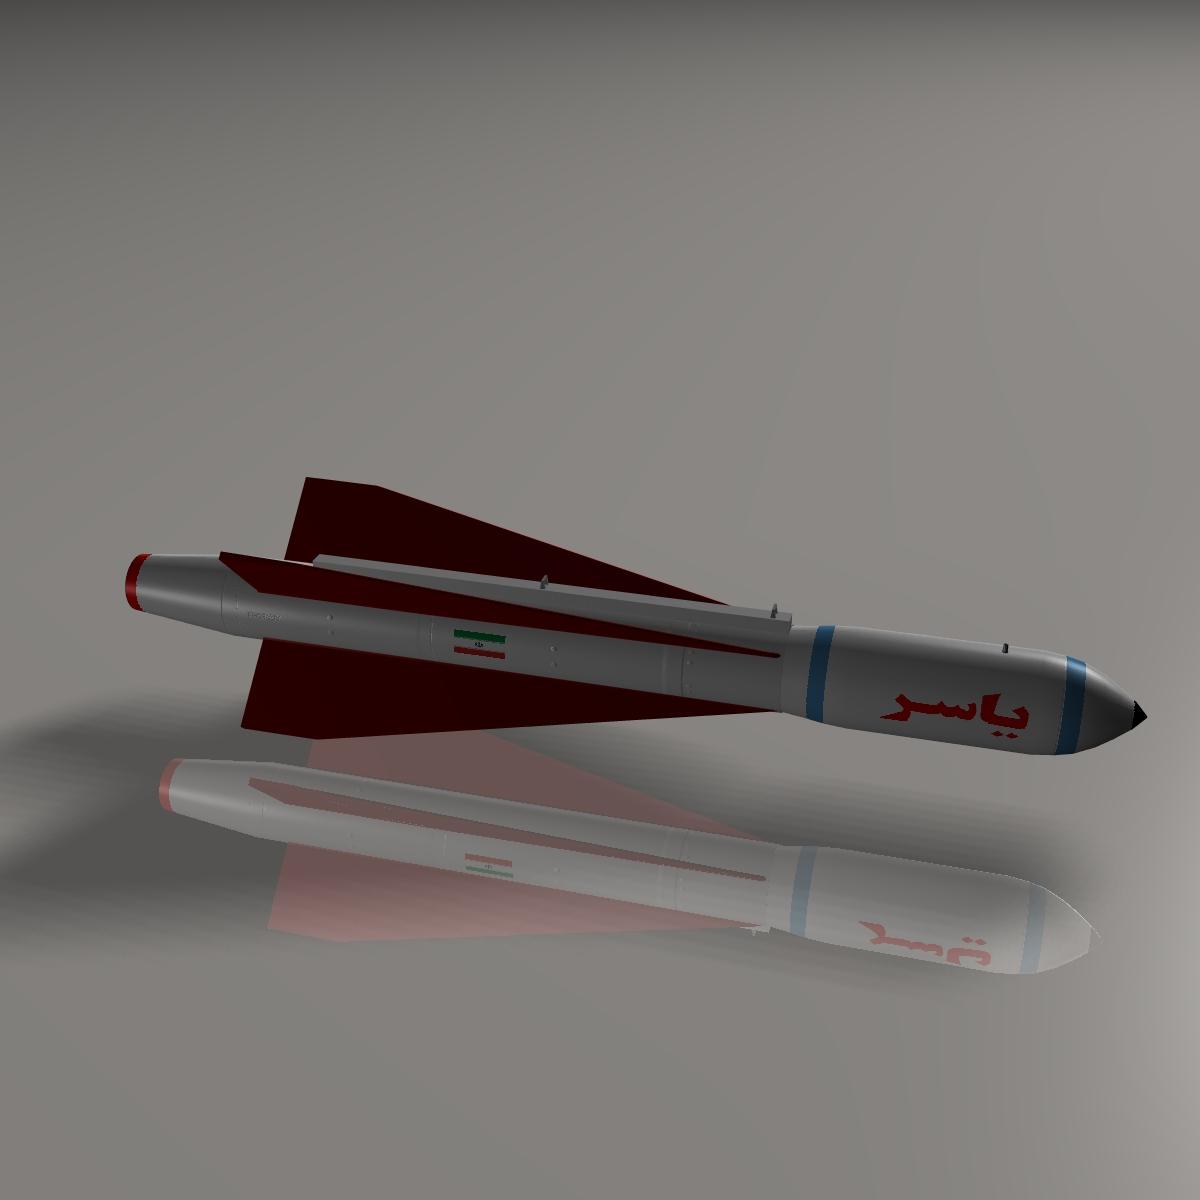 iranian yasser asm missile 3d model 3ds dxf cob x obj 150570